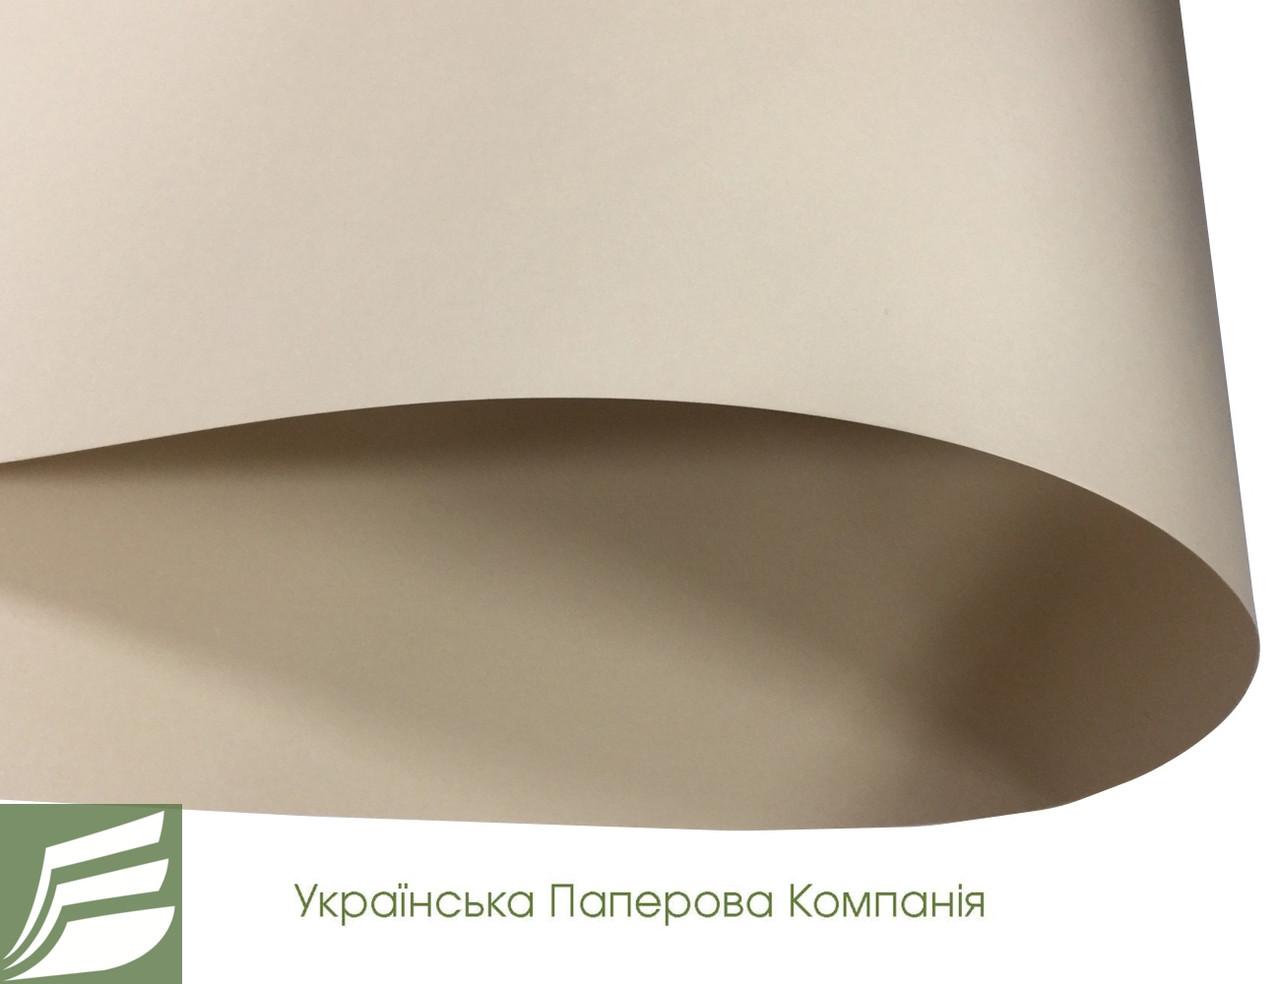 Дизайнерский картон Creative board, матовый слоновая кость, 270 гр/м2